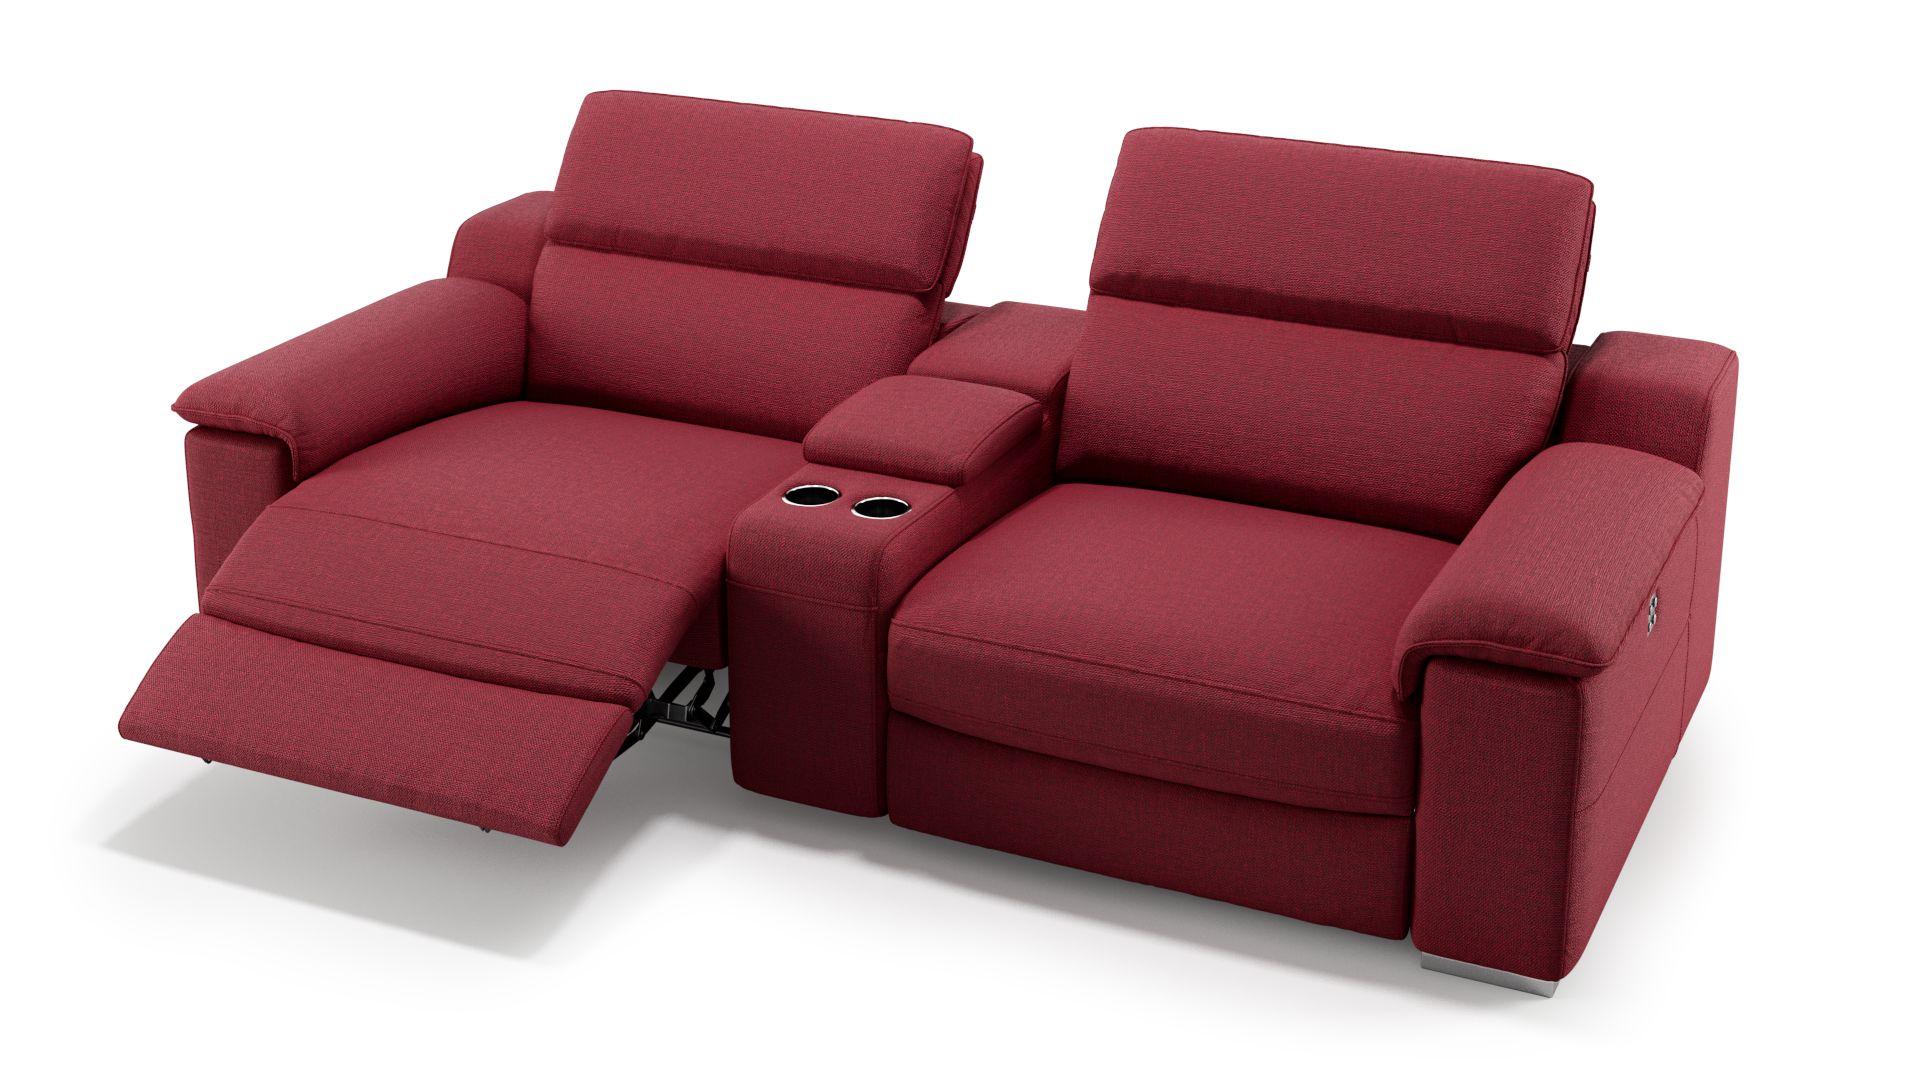 Stoff 2-Sitzer Kinosofa mit einer Mittelkonsole MACELLO